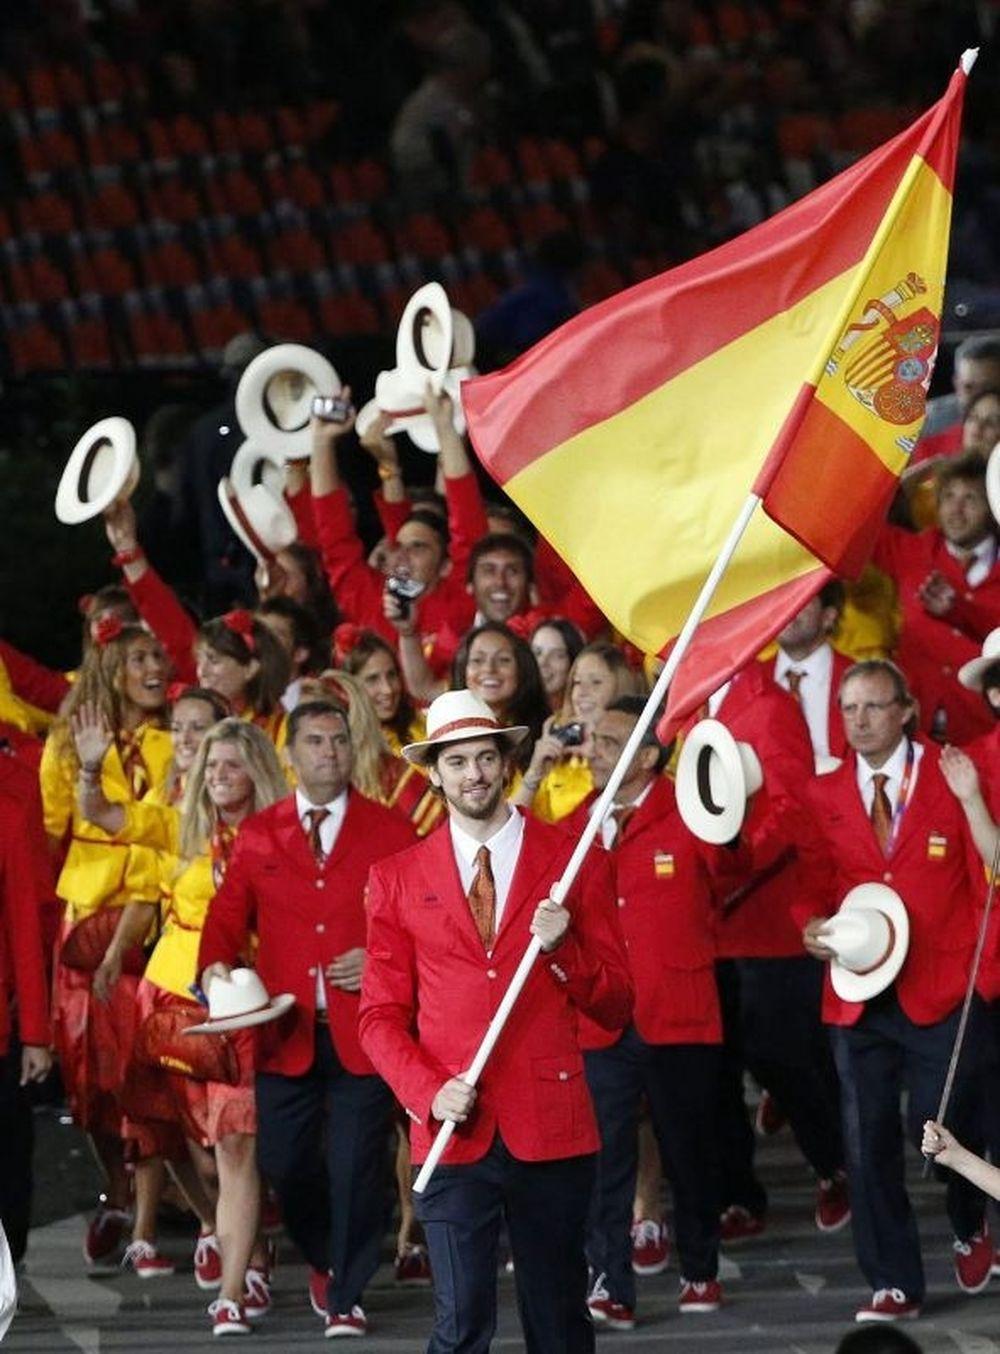 Τελετή έναρξης Ολυμπιακών Αγώνων 2012: Χάθηκαν οι Γκασόλ! (photos)